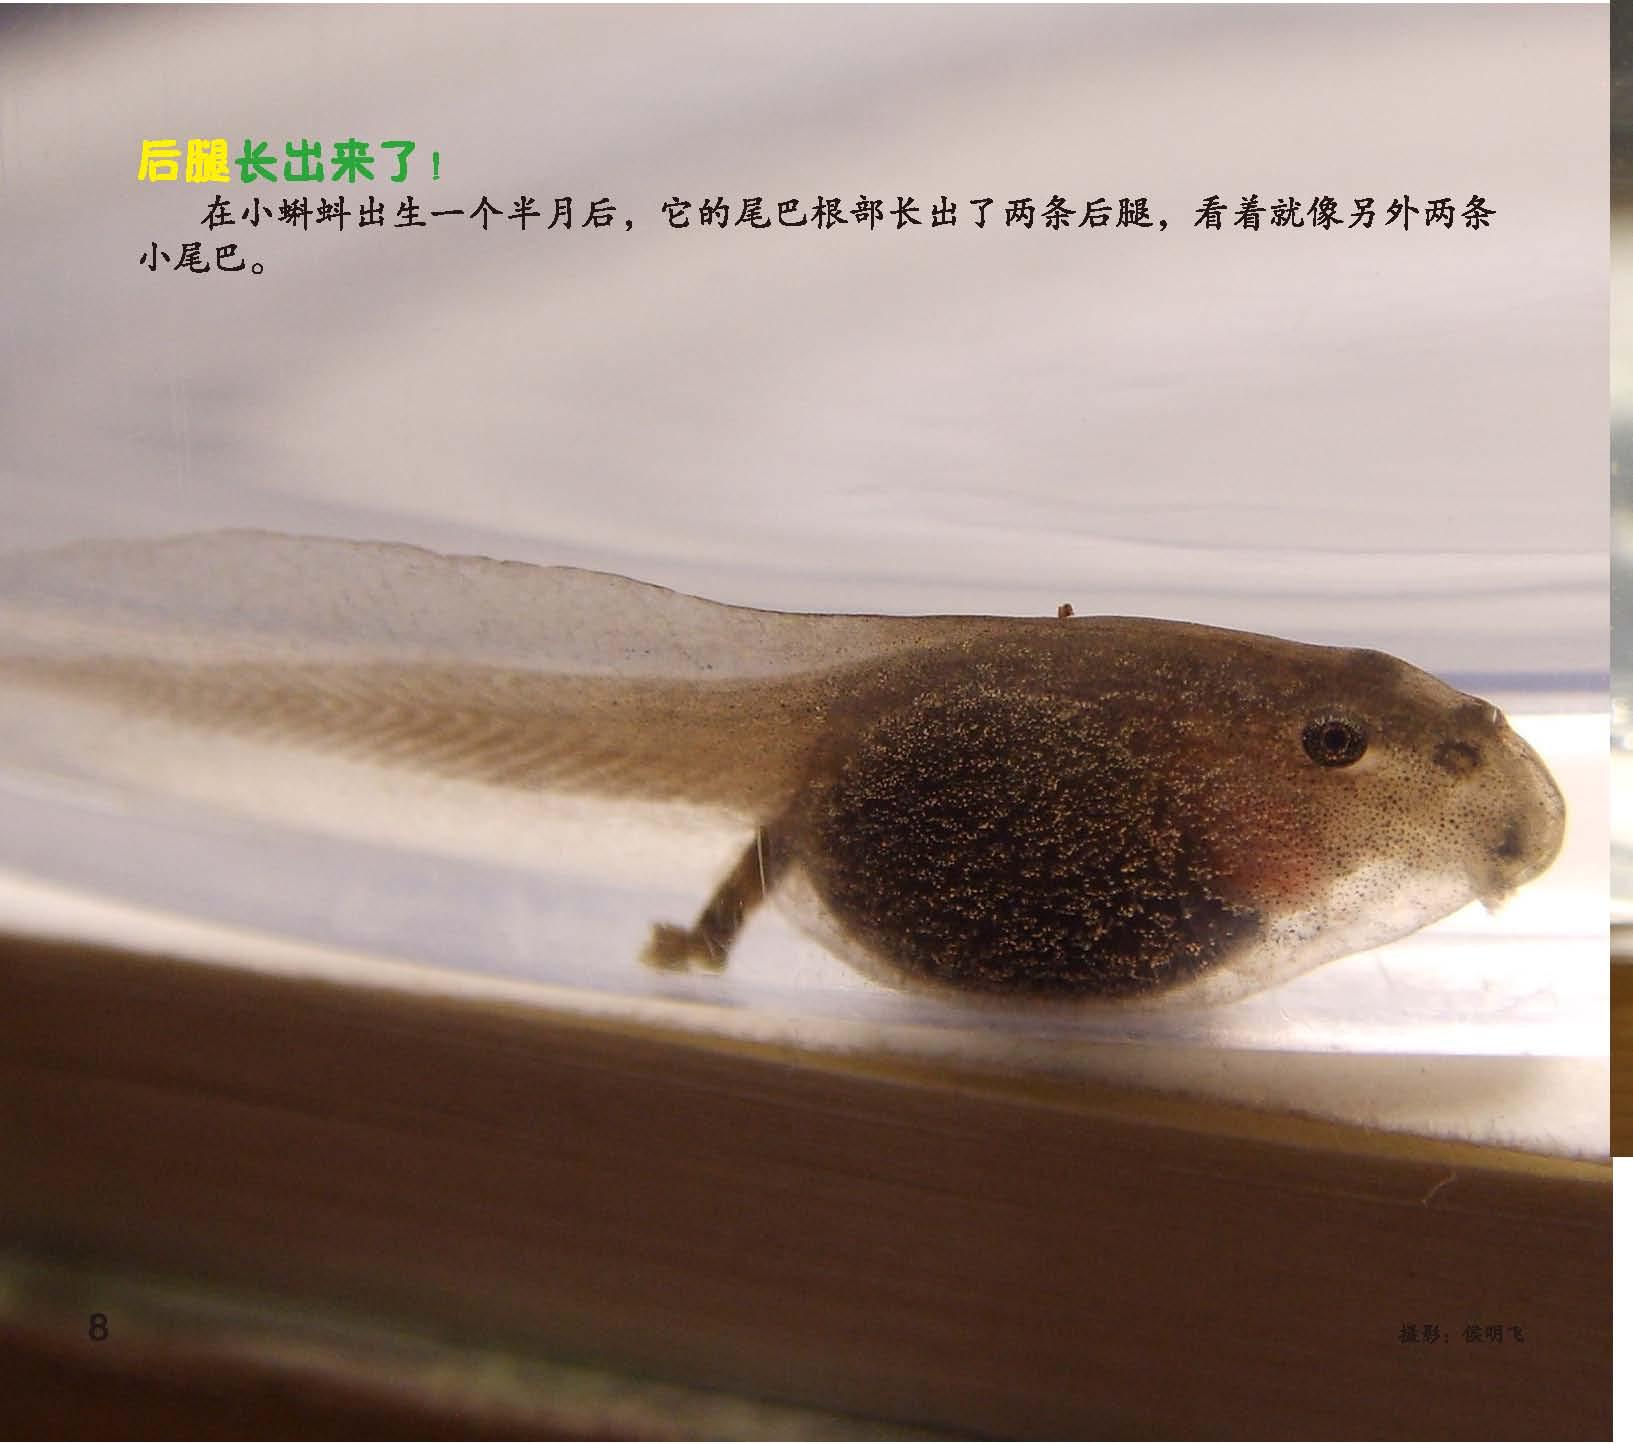 快翻翻这本书,看看不同的动物宝宝都是如何出生长大的吧!